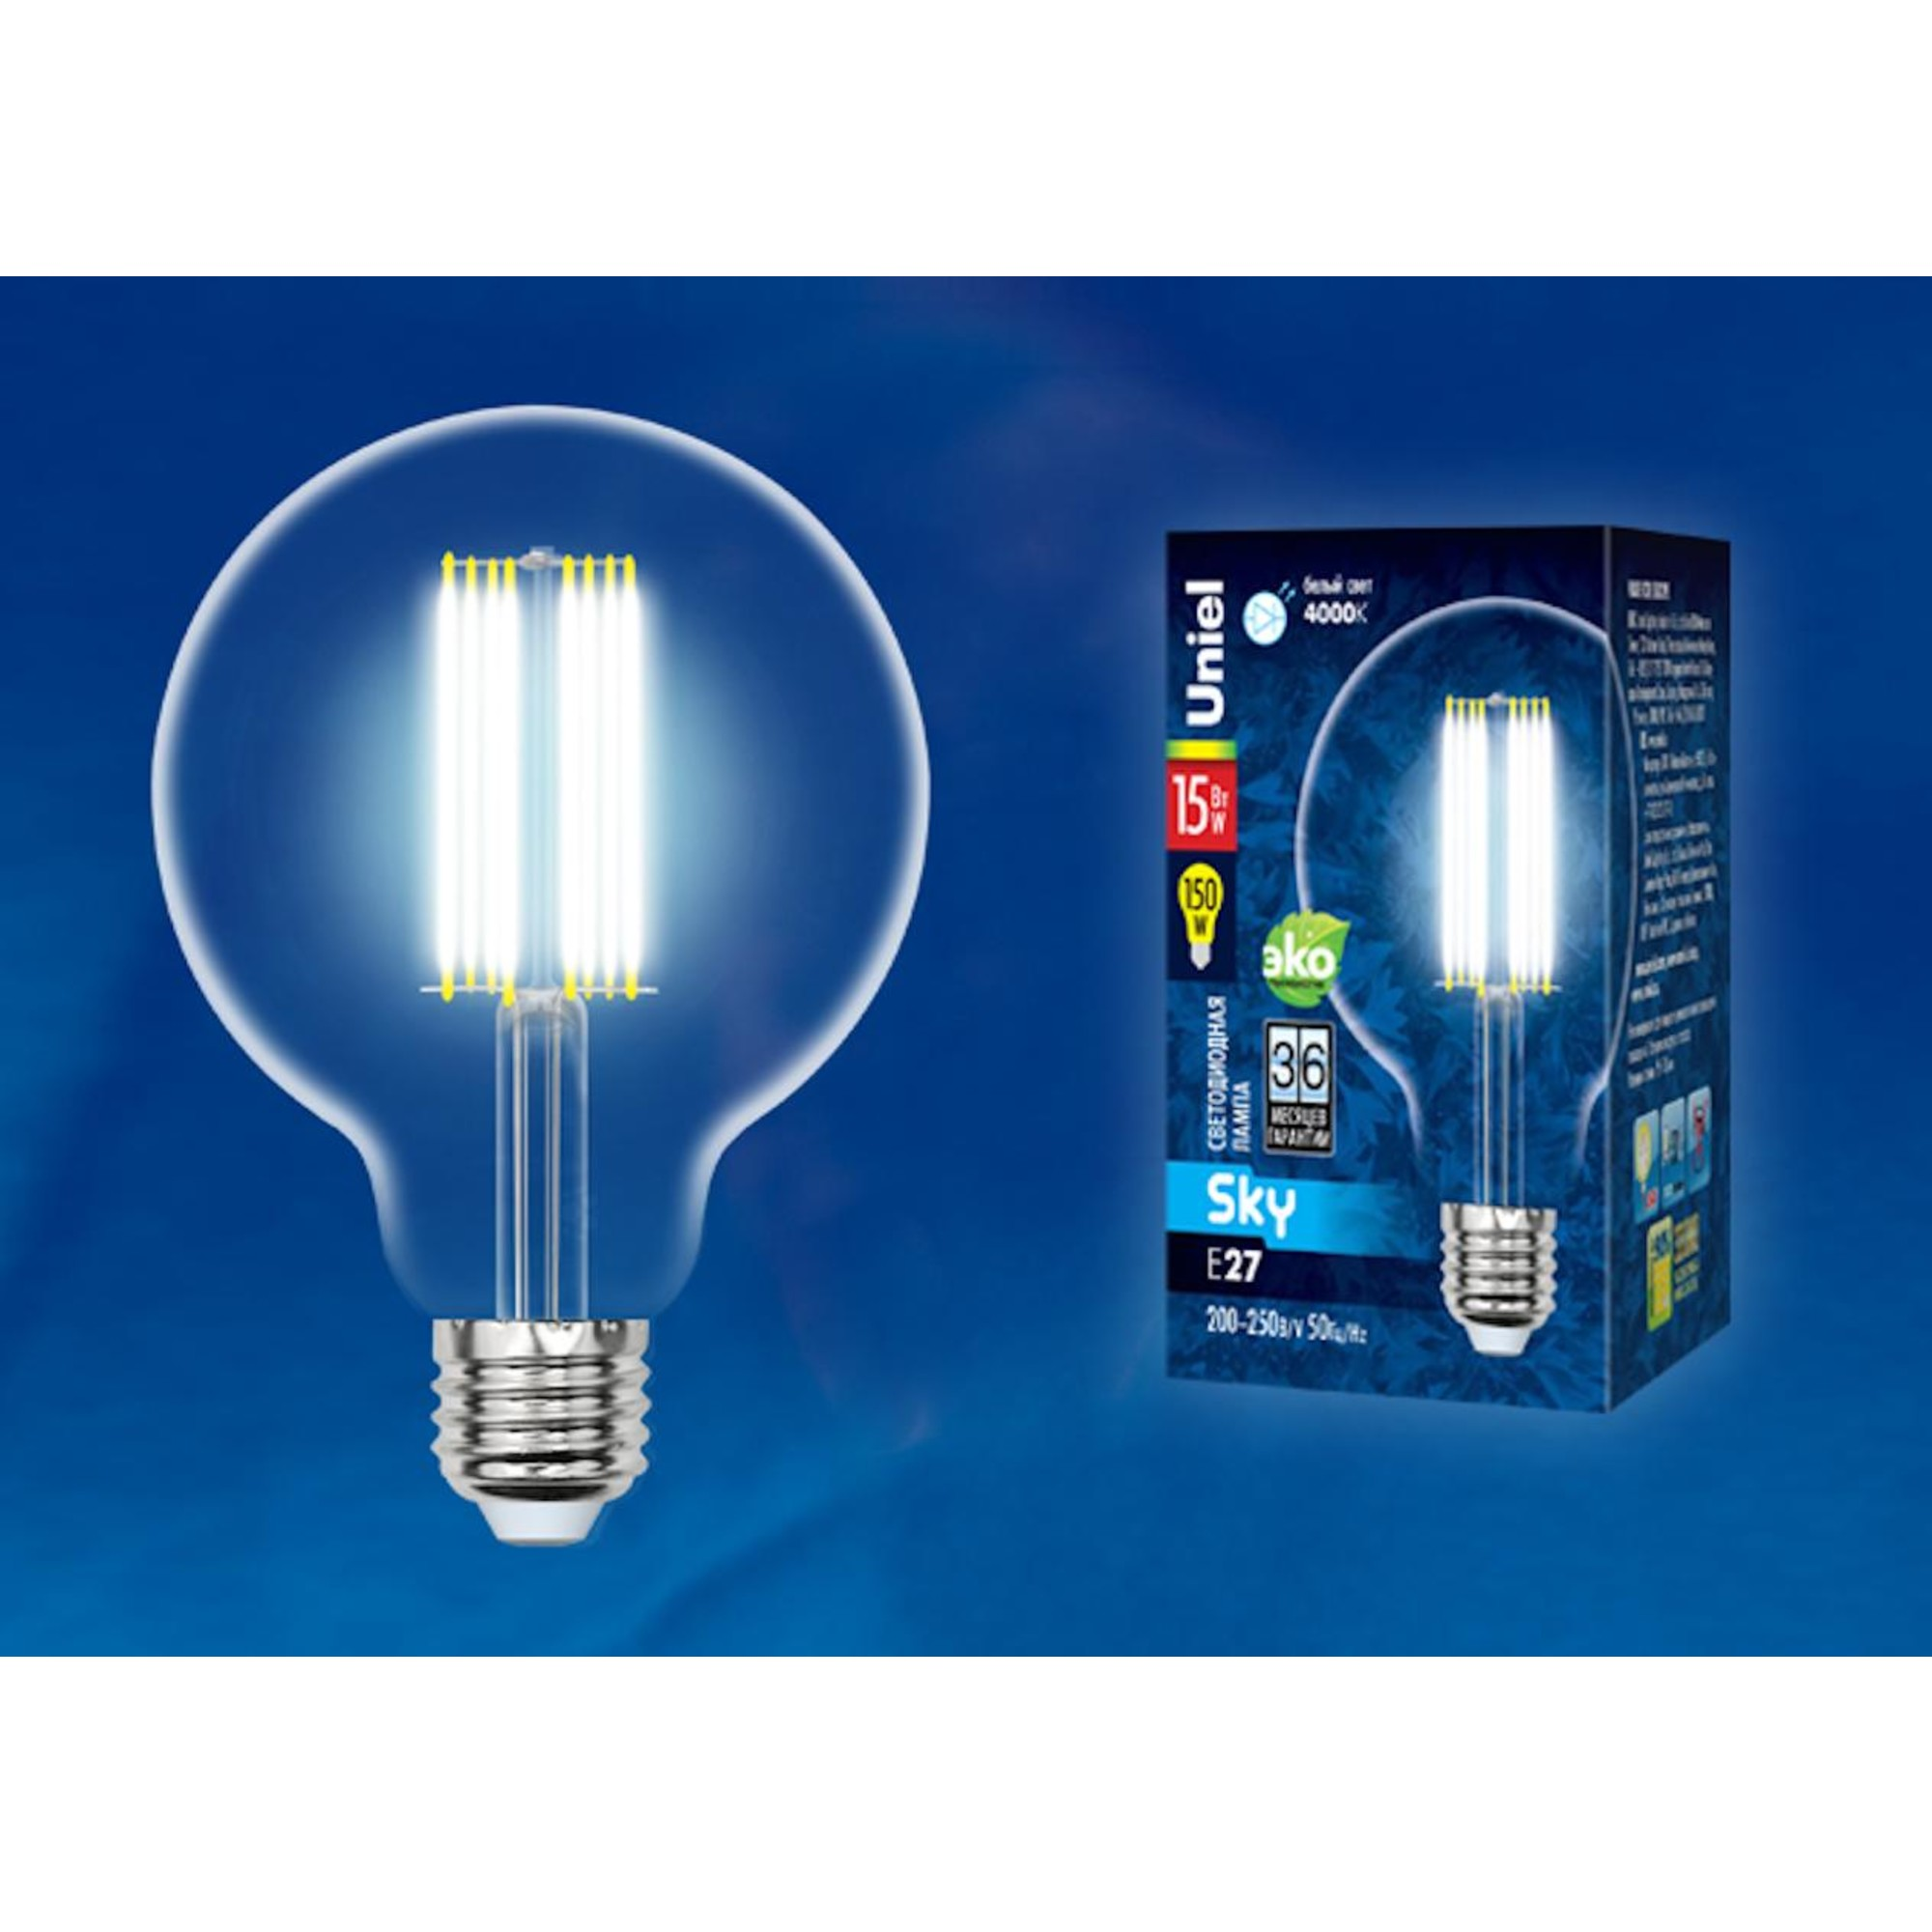 Светодиодная лампочка Uniel UL-00004865 E27 1500 Лм 15 Вт